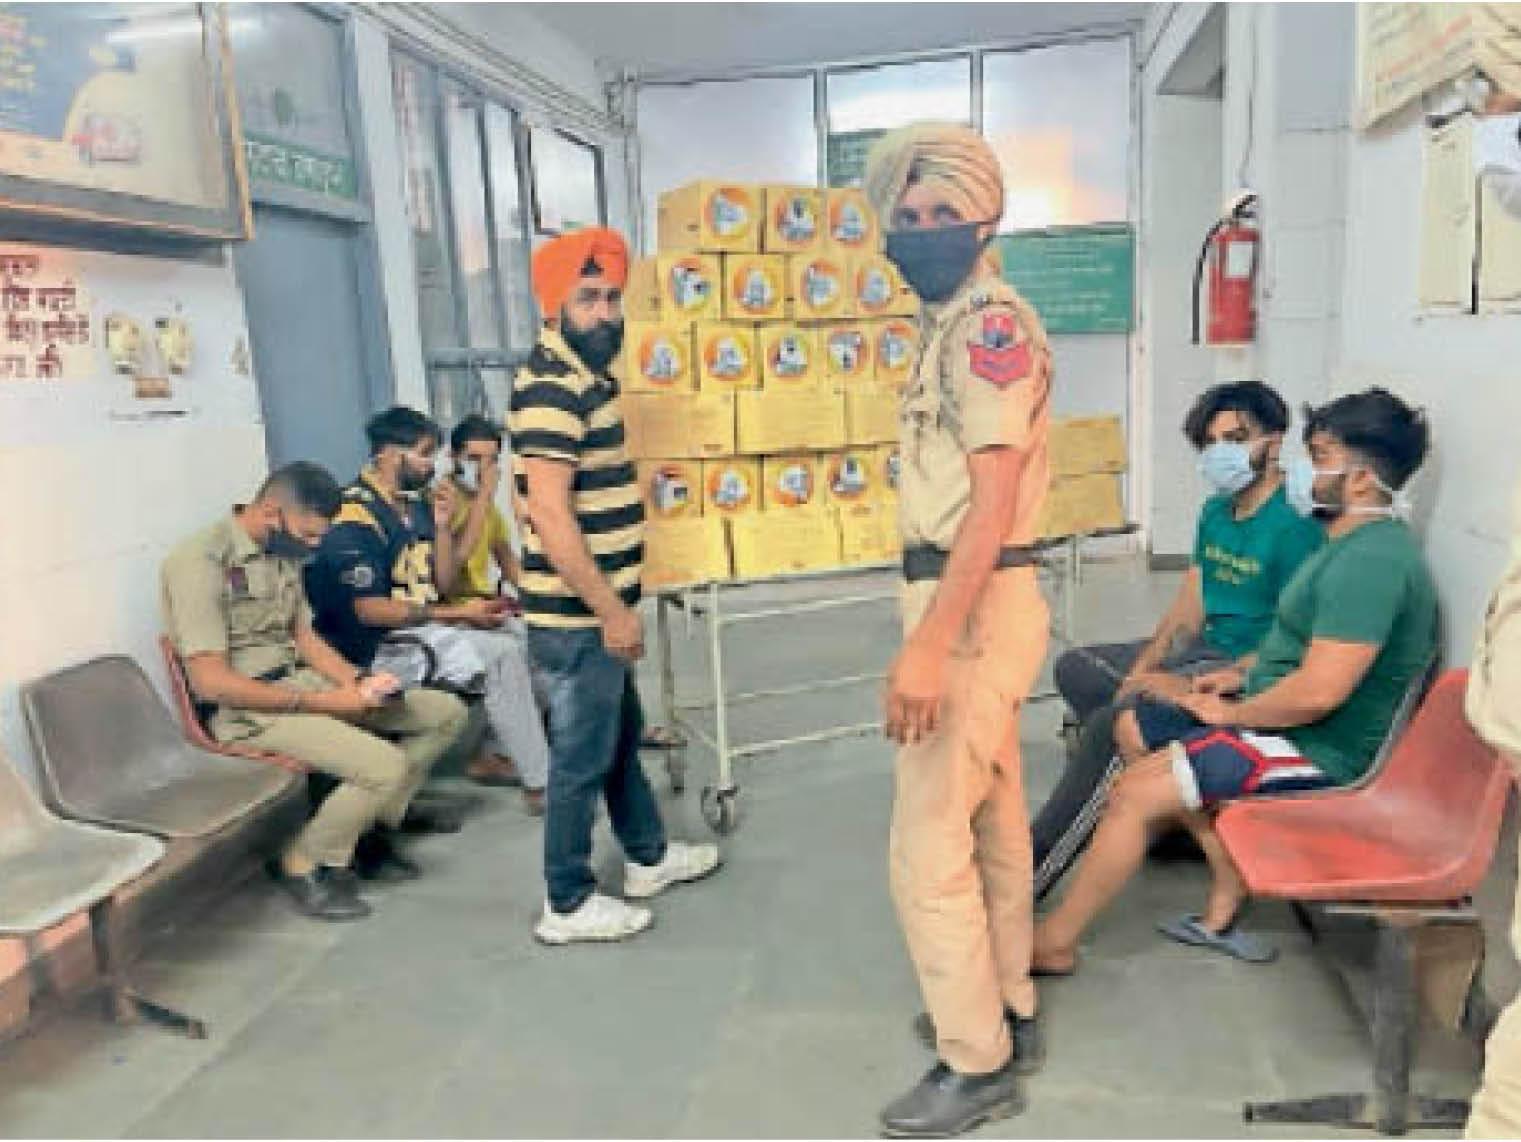 ढाई महीने में 500 किलो हेरोइन बेच चुके गैंगस्टर गैवी के 5 साथी ड्रग्स समेत अरेस्ट|चंडीगढ़,Chandigarh - Dainik Bhaskar